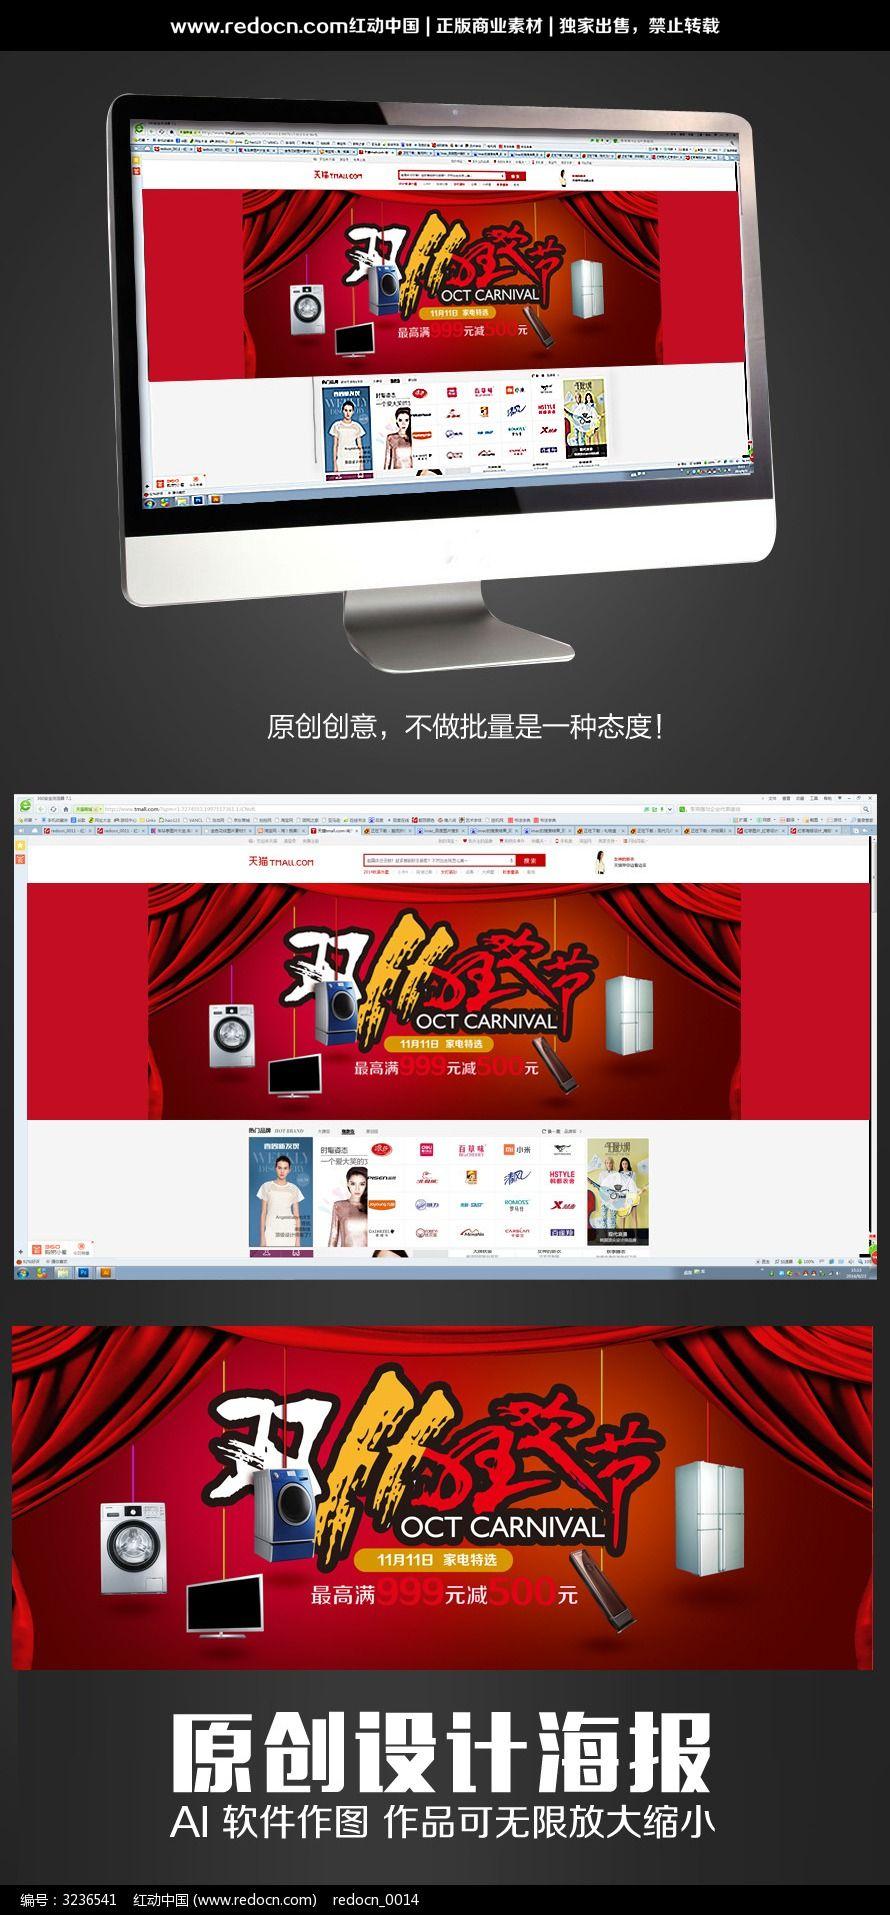 天猫双11狂欢节海报素材图片